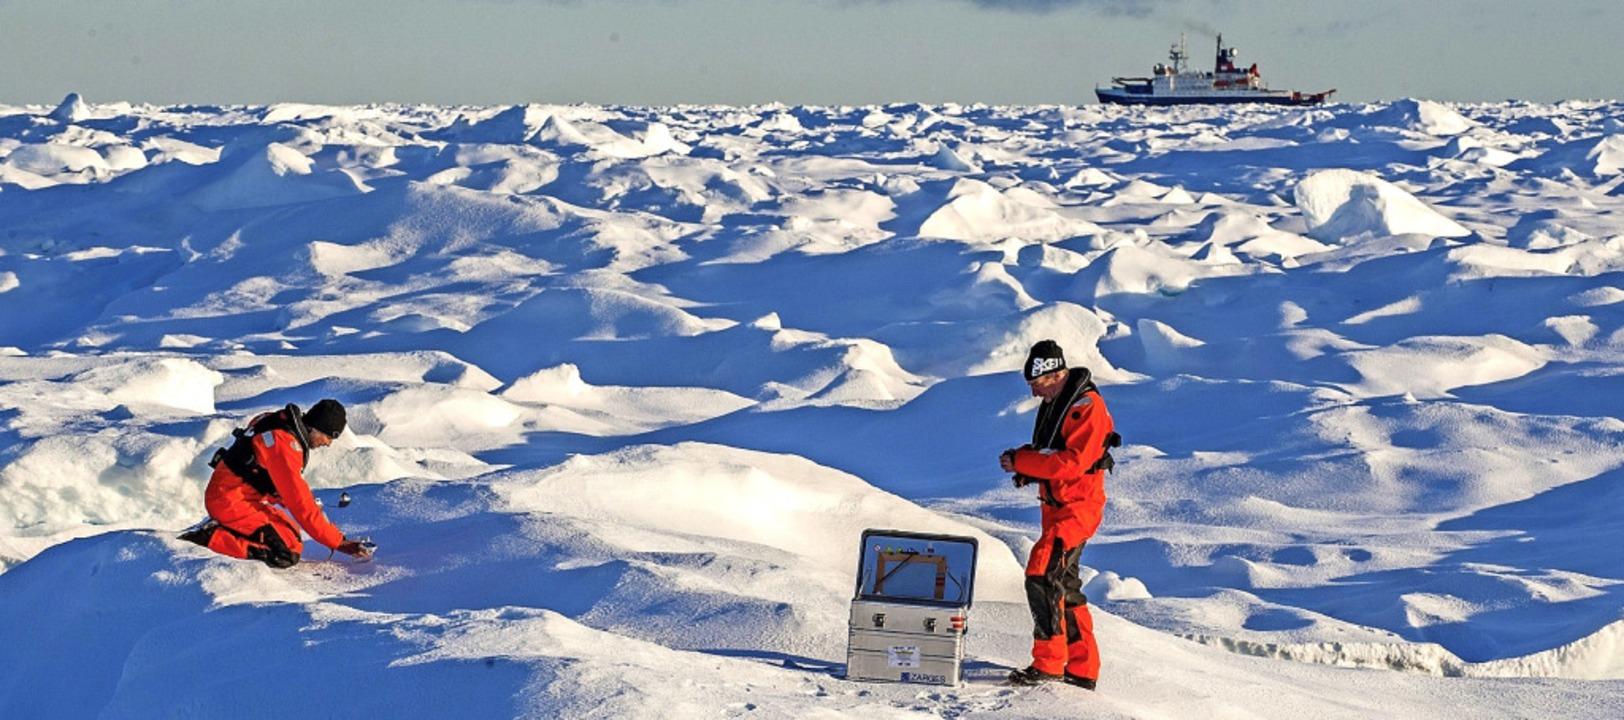 Sascha Flügel (l.) und Johannes Lembur...Hinten rechts im Bild: die Polarstern.  | Foto: Esther Horvath